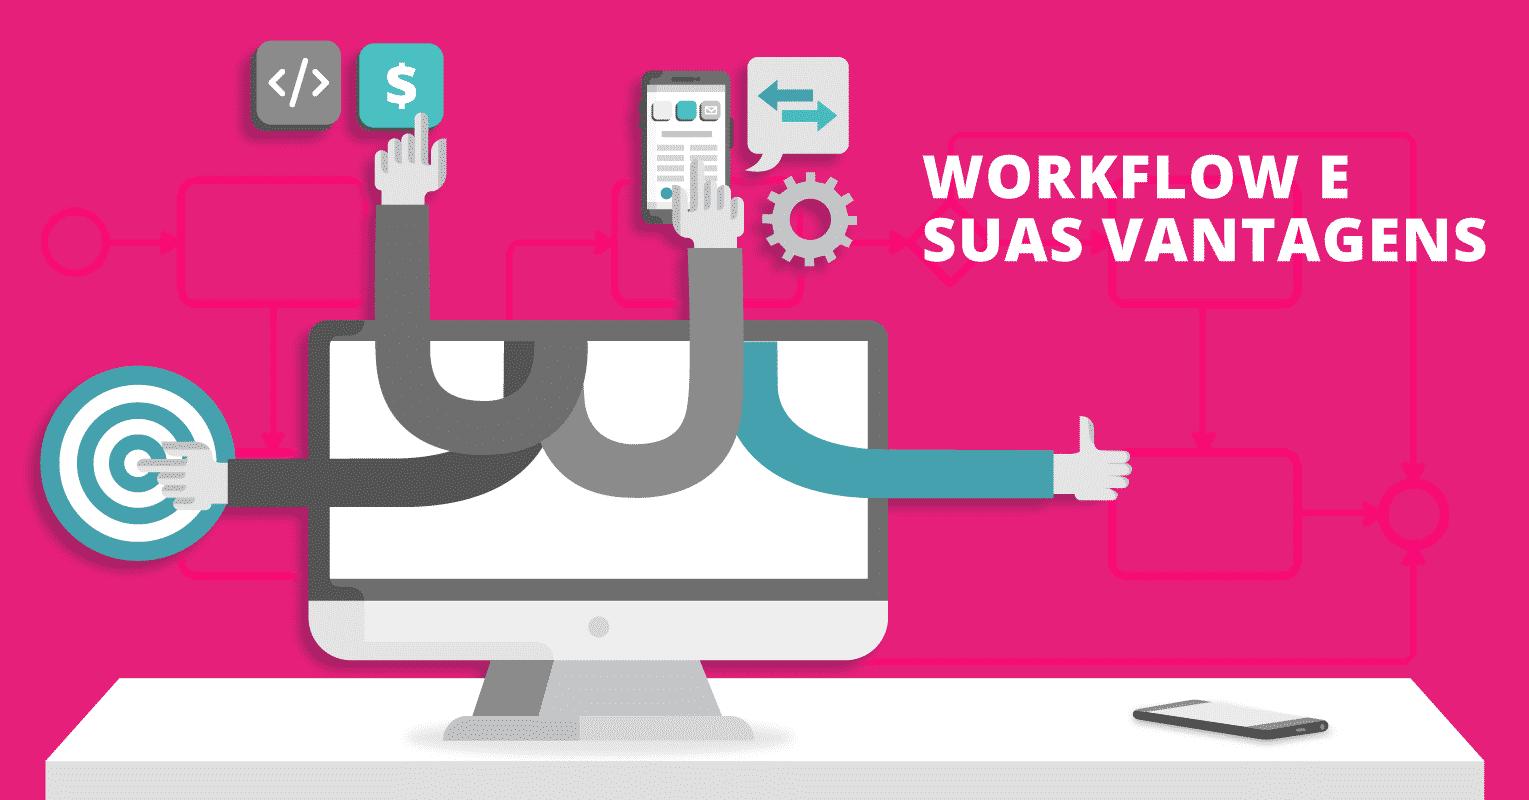 Workflow e suas vantagens